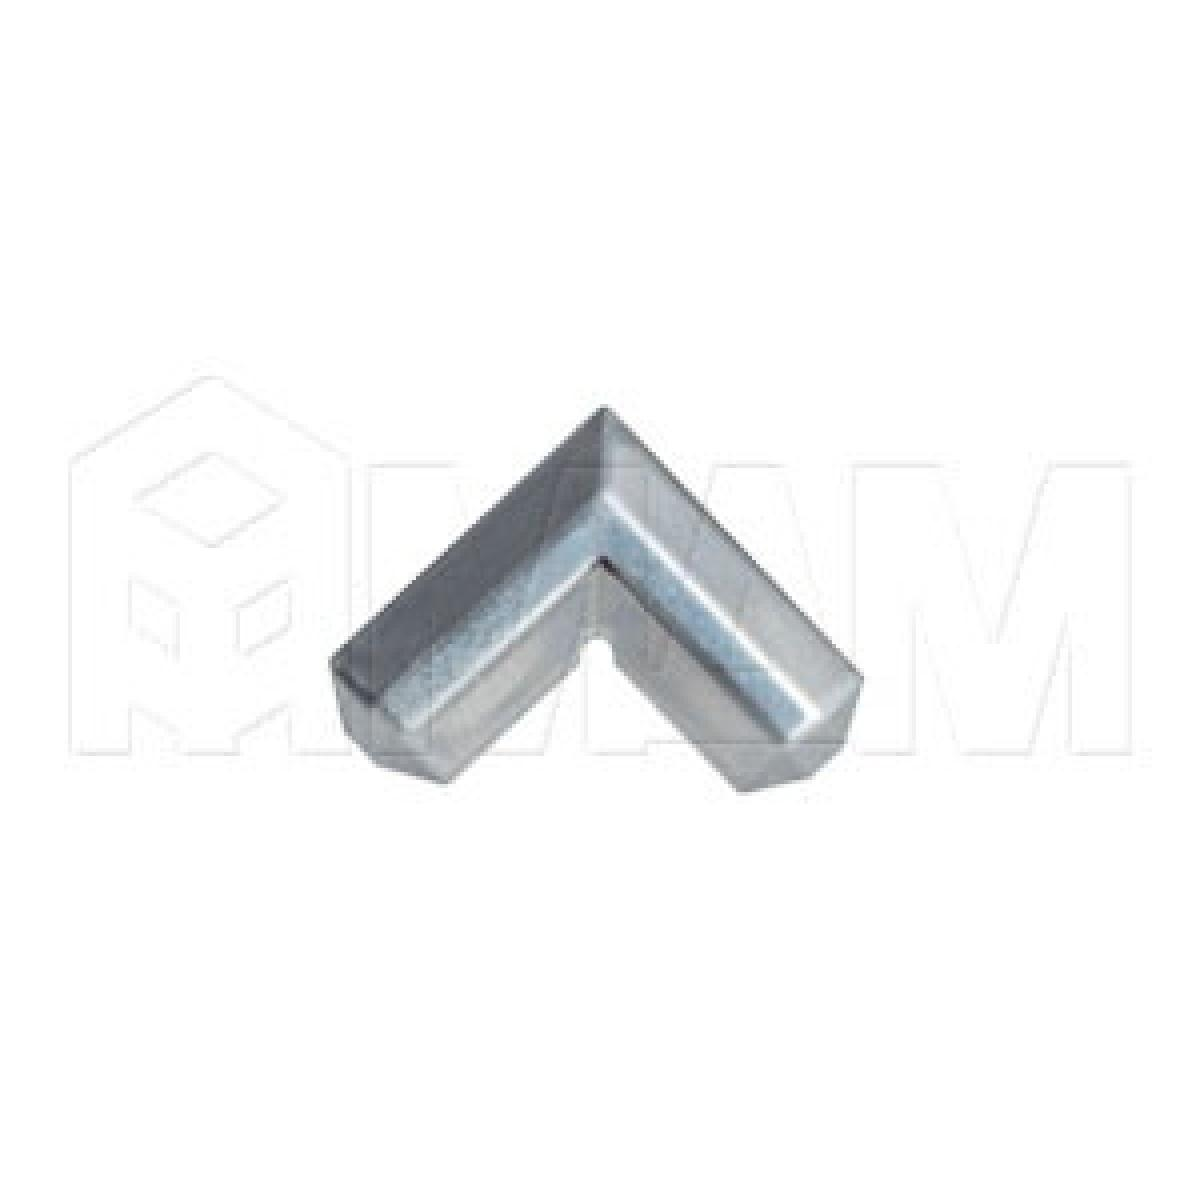 PS22 Монтажный уголок из нержавеющей стали